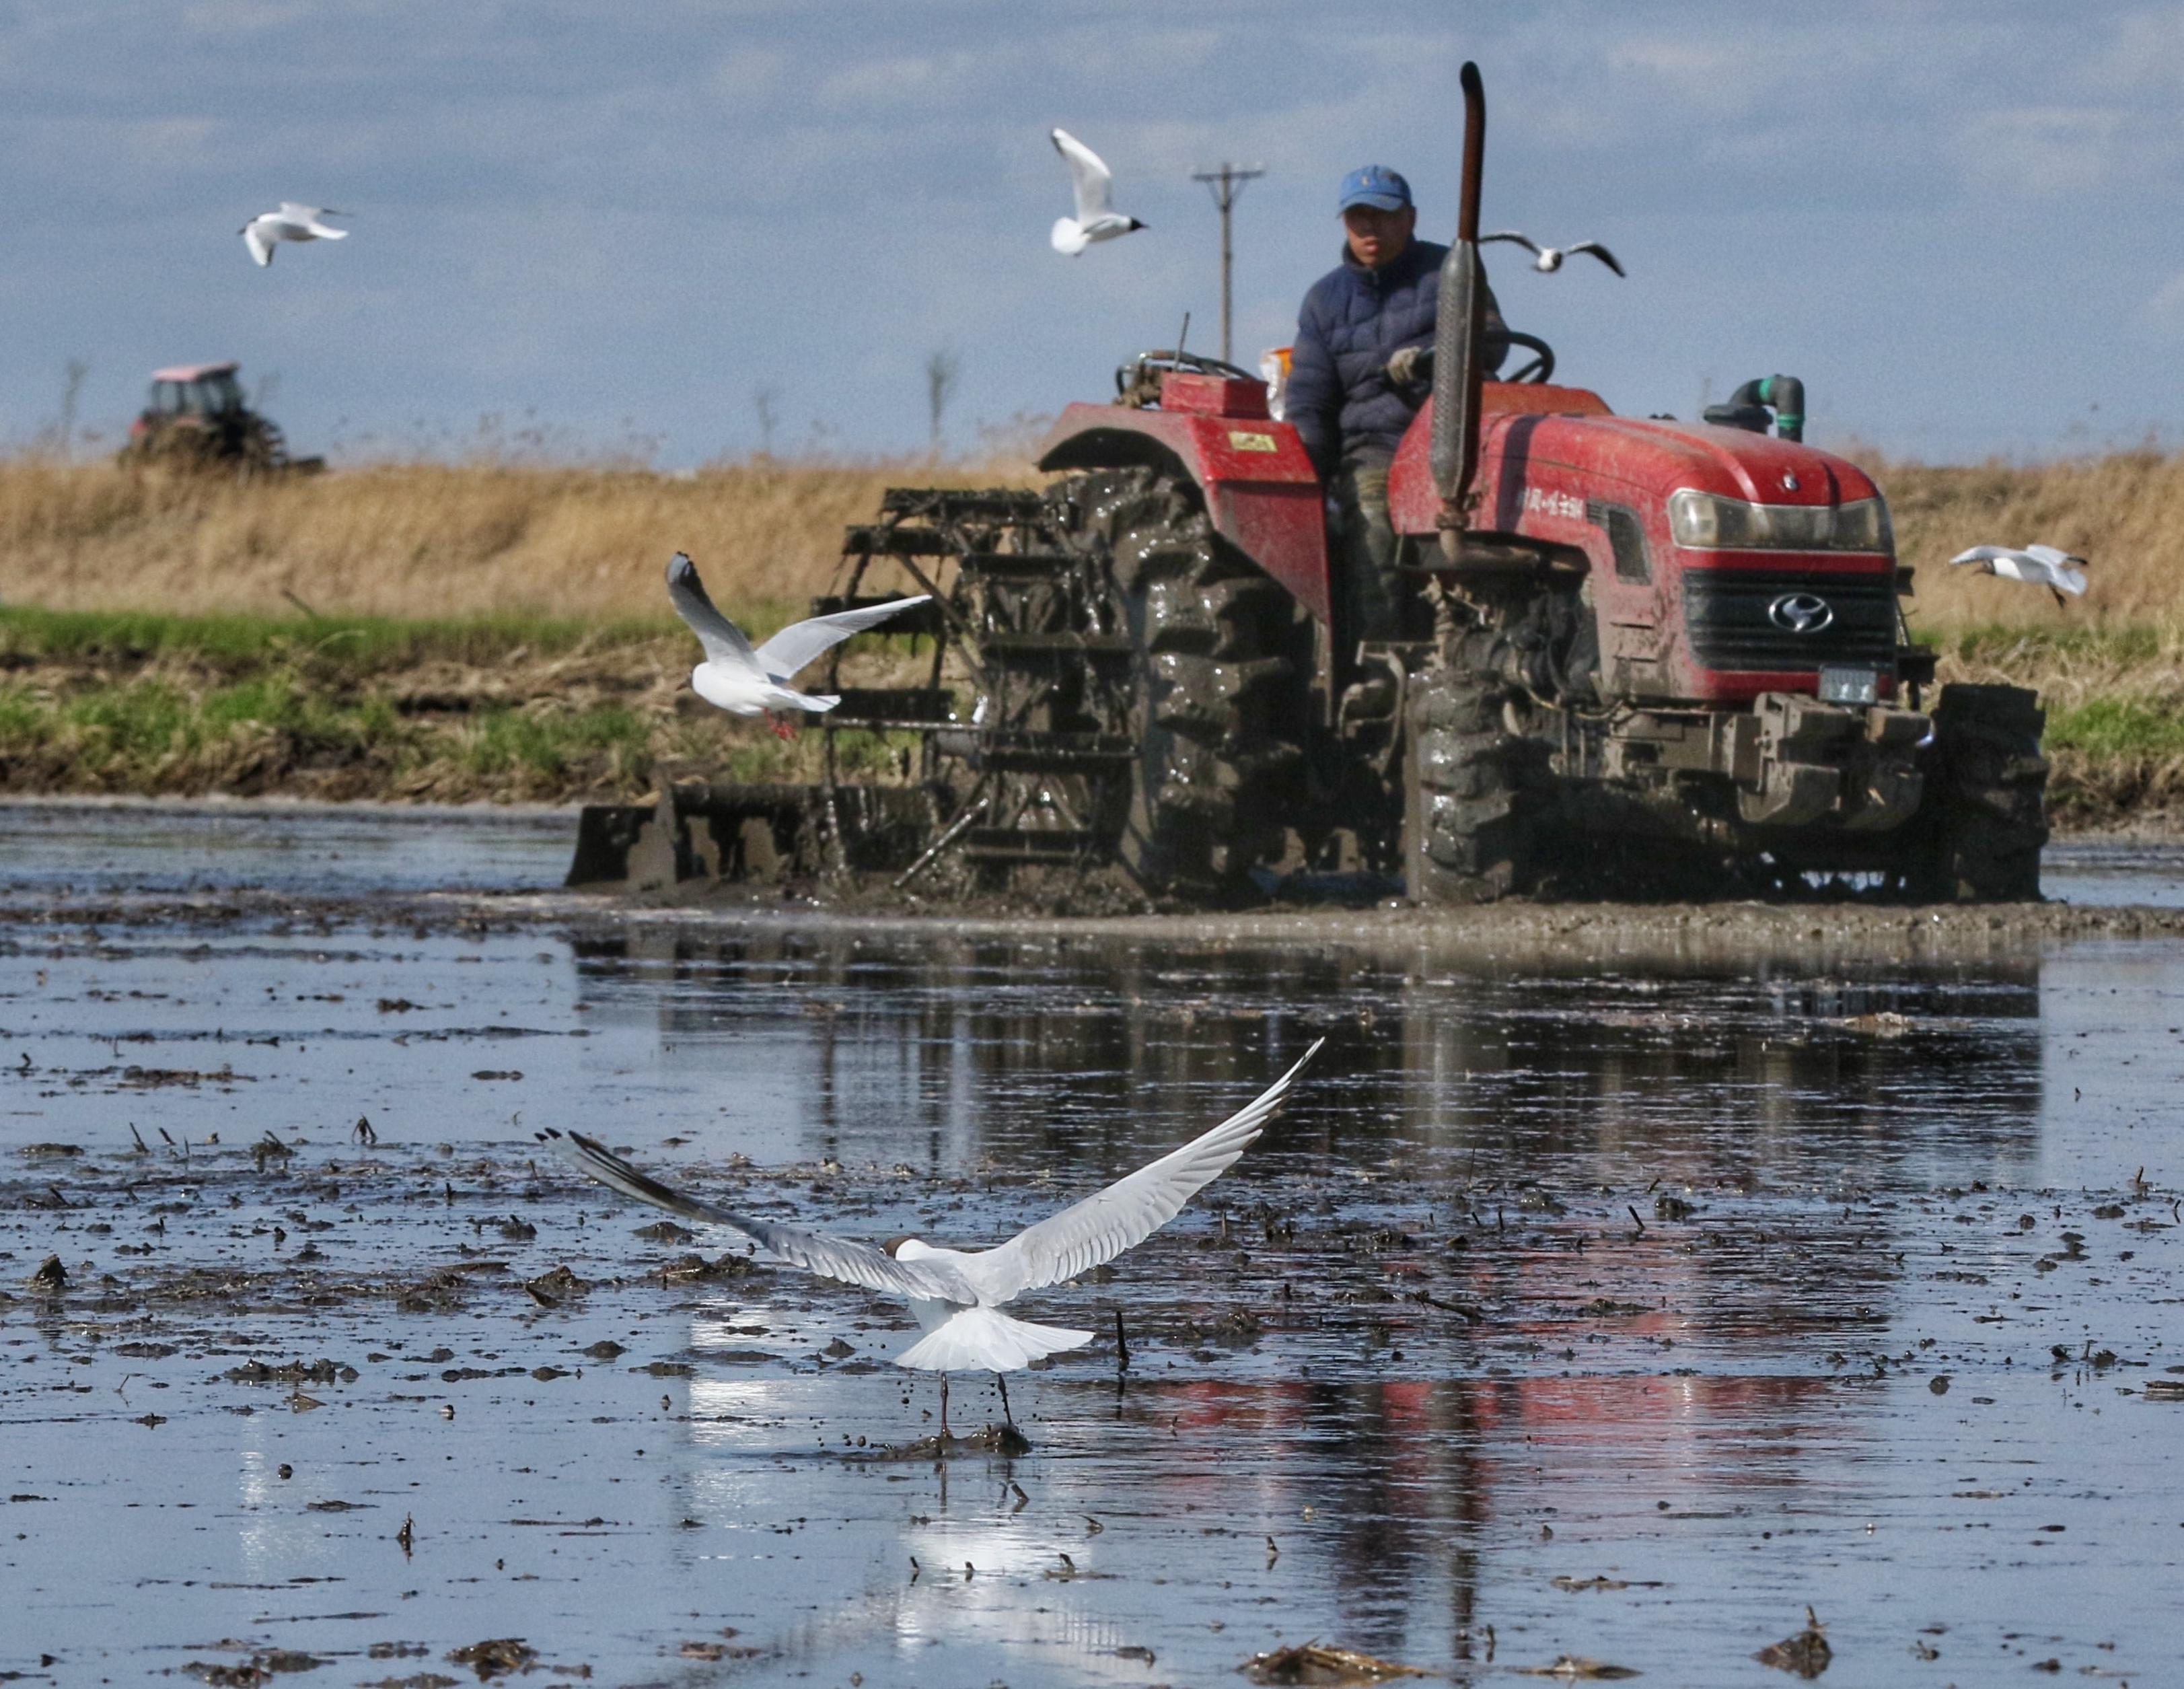 5月5日,肇源县茂兴镇当权村的稻农开始向稻田放水泡田。翻田机械在稻田里翻耕时,一大群红嘴鸥、黑翅长脚鹬等候鸟,跟在农机后面寻找小鱼和蝲蝲蛄等美食。